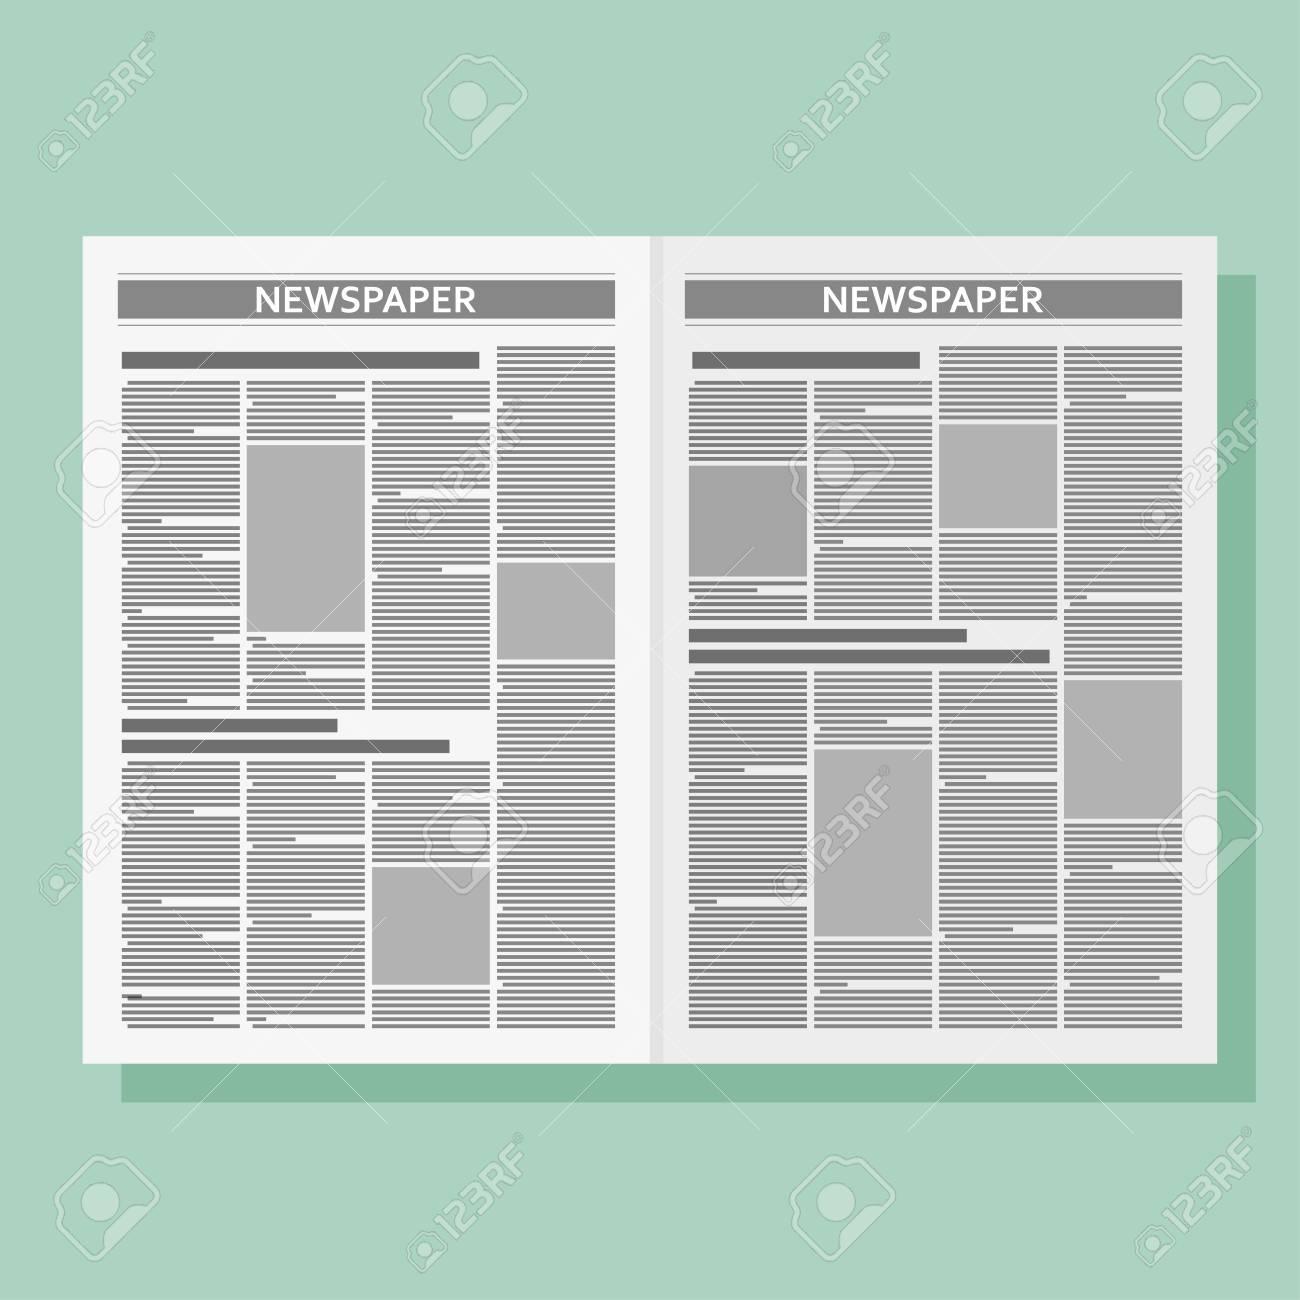 Plantilla De Periódico De Diseño Gráfico. Vector Ilustración Plana ...